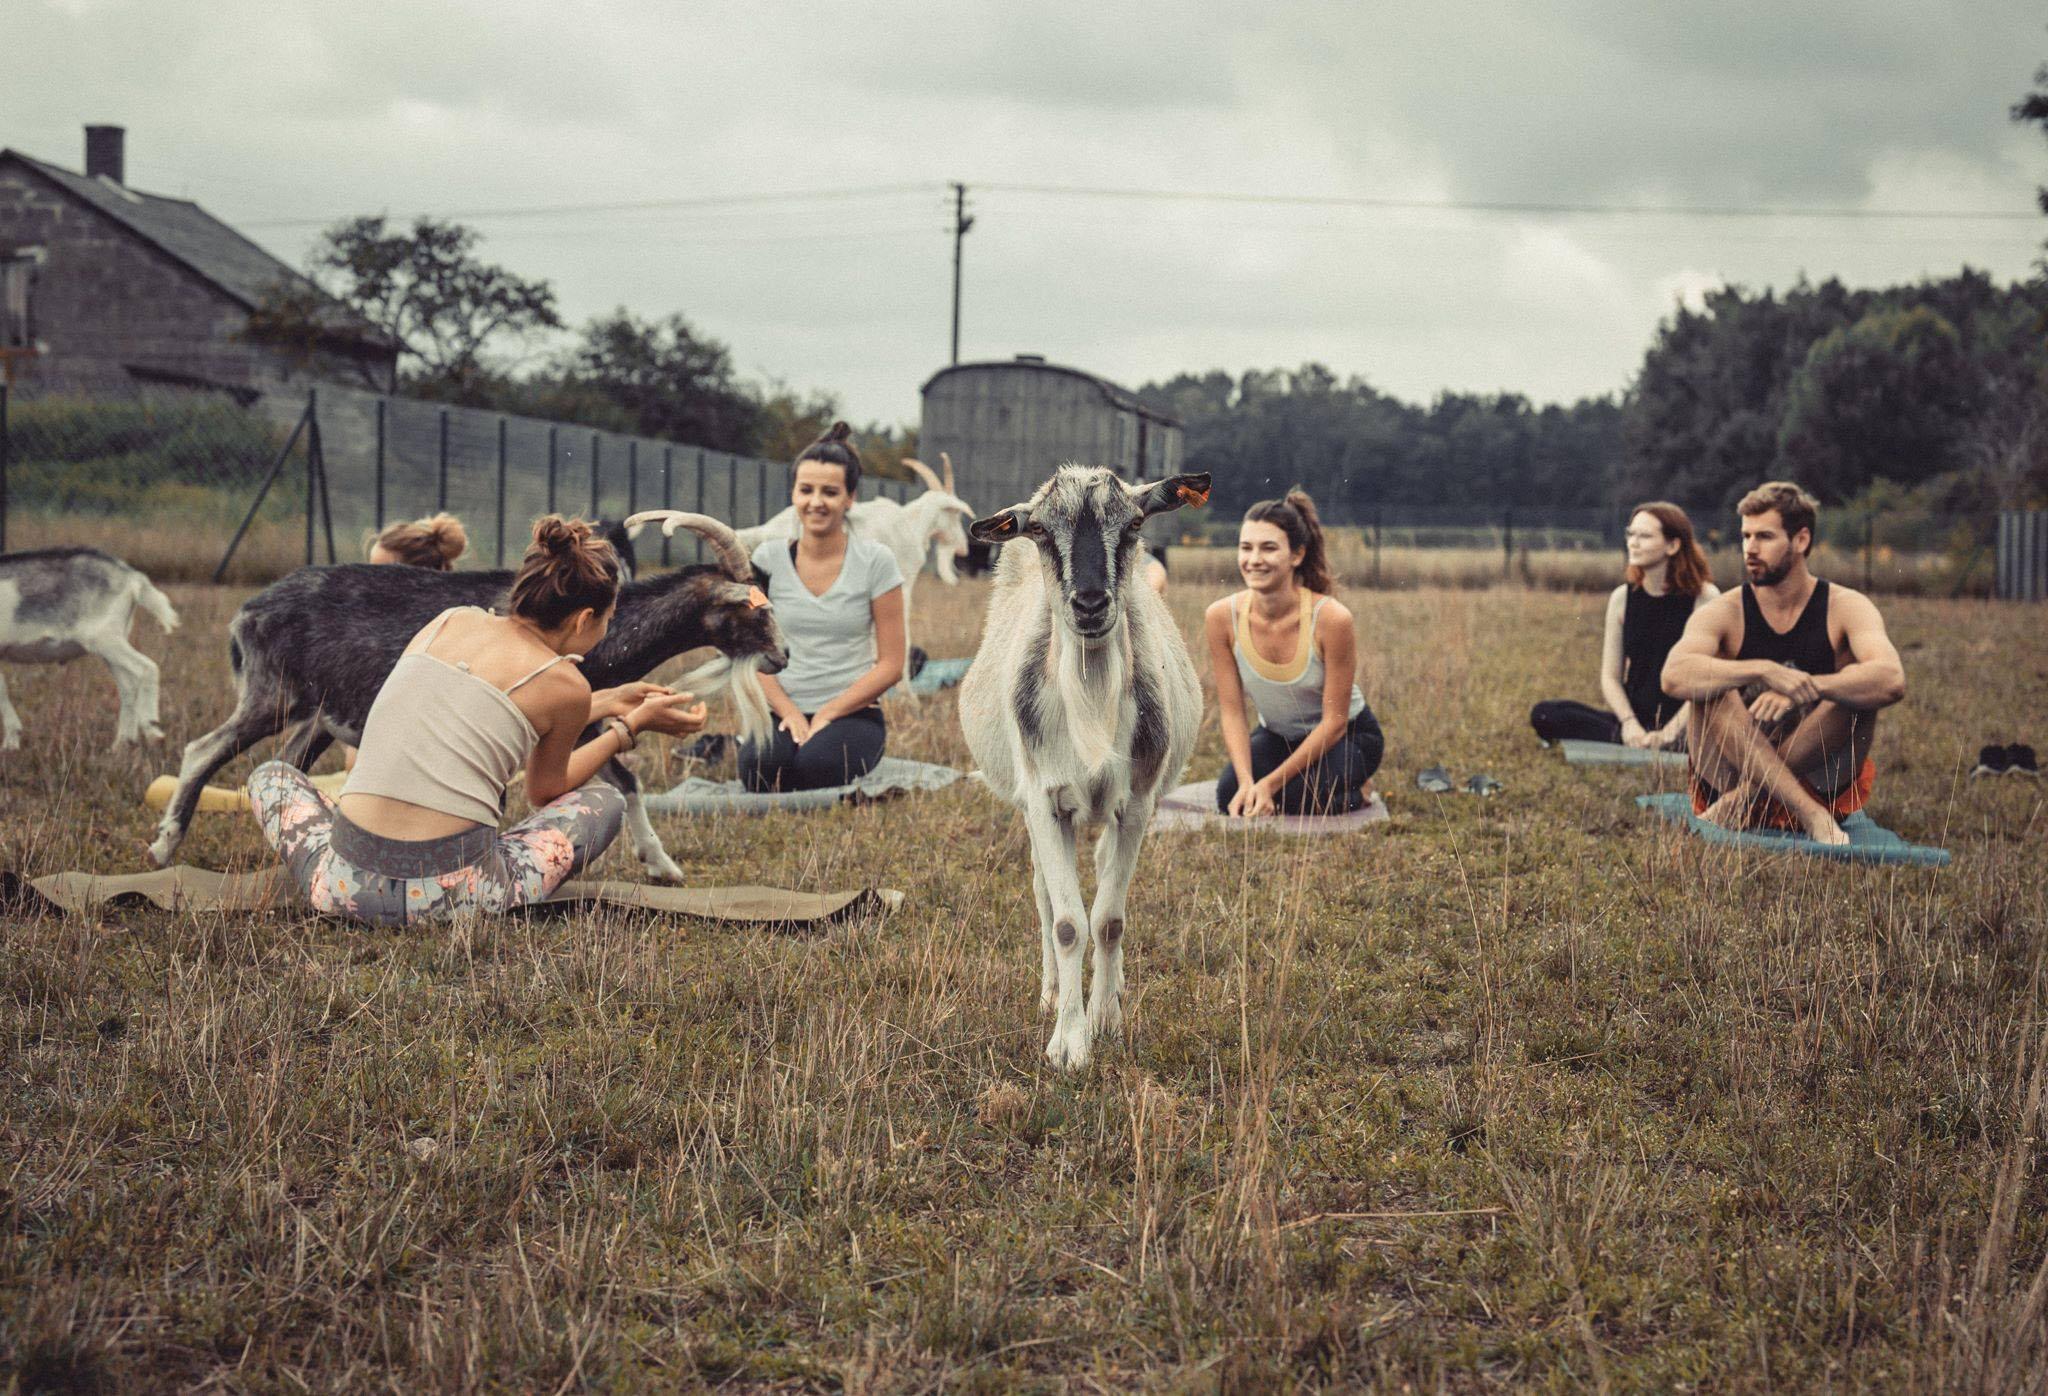 Kochasz jogę i zwierzęta? Ćwicz z alpakami, kozami albo ze swoim psem